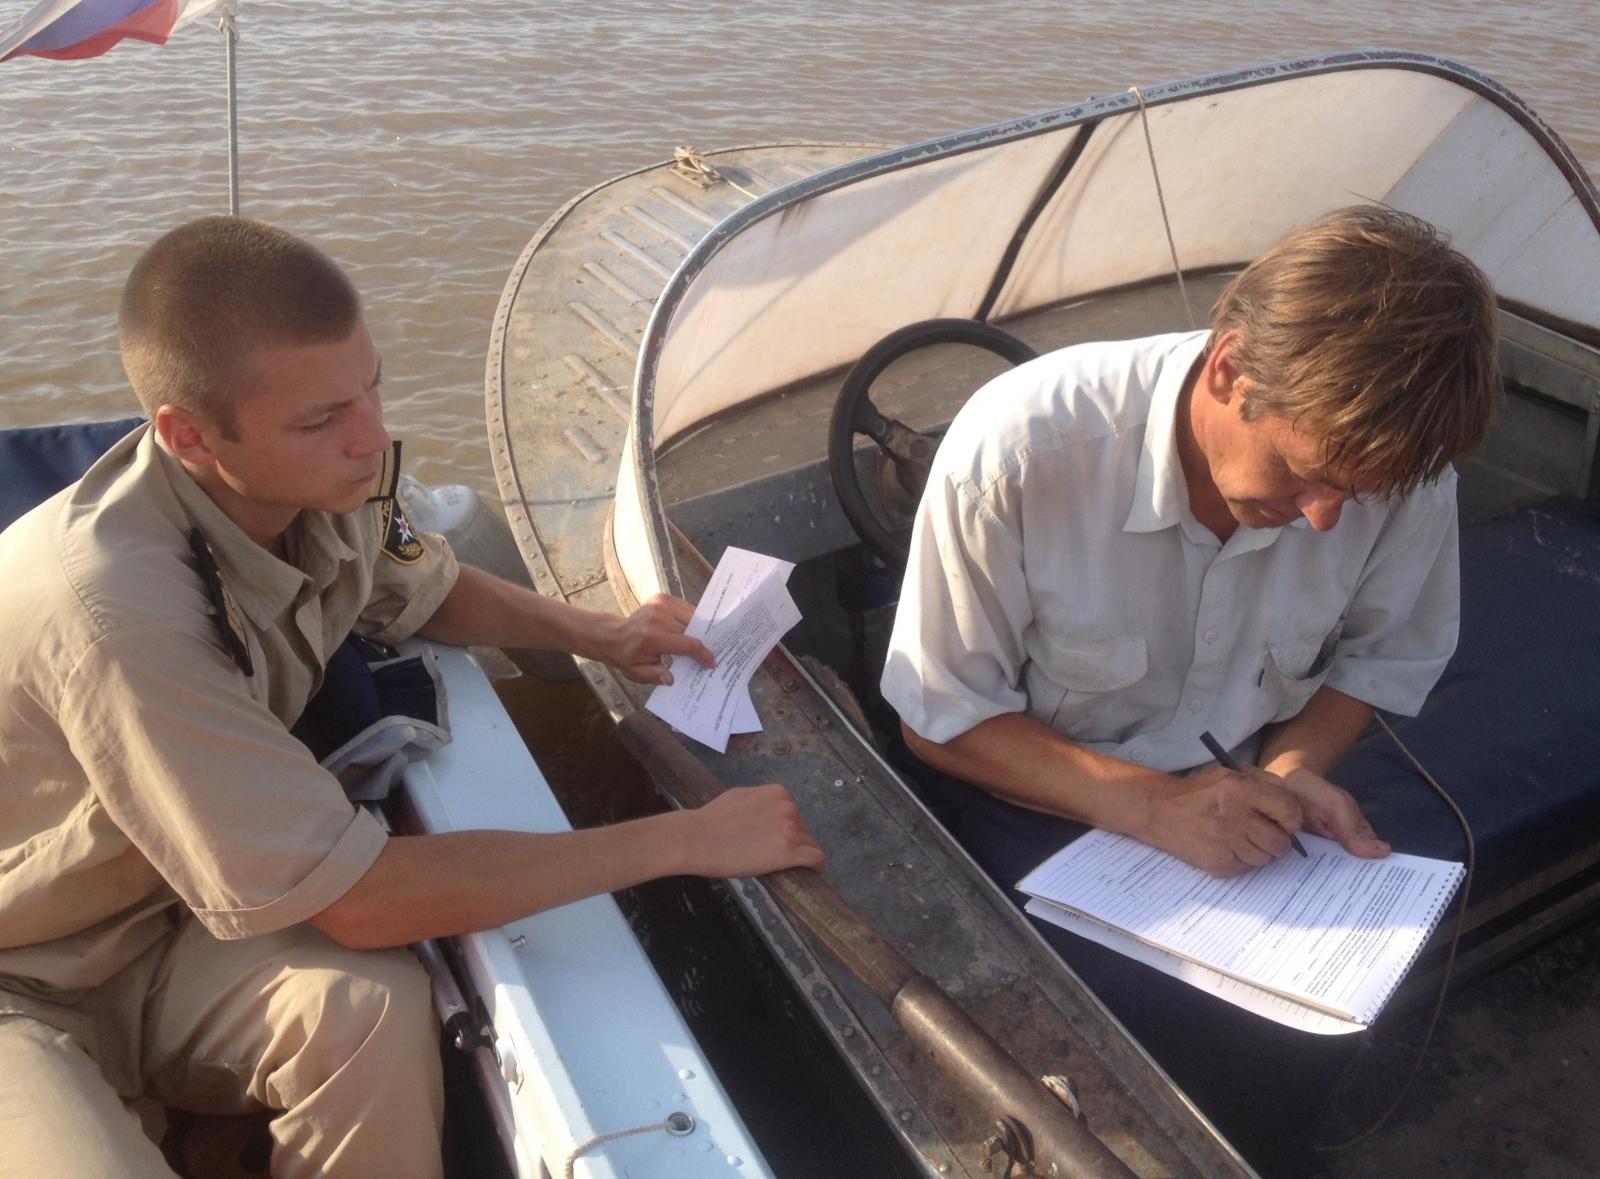 Владельцам маломерных судов и их пассажирам необходимо помнить о правилах безопасного поведения во время отдыха на воде